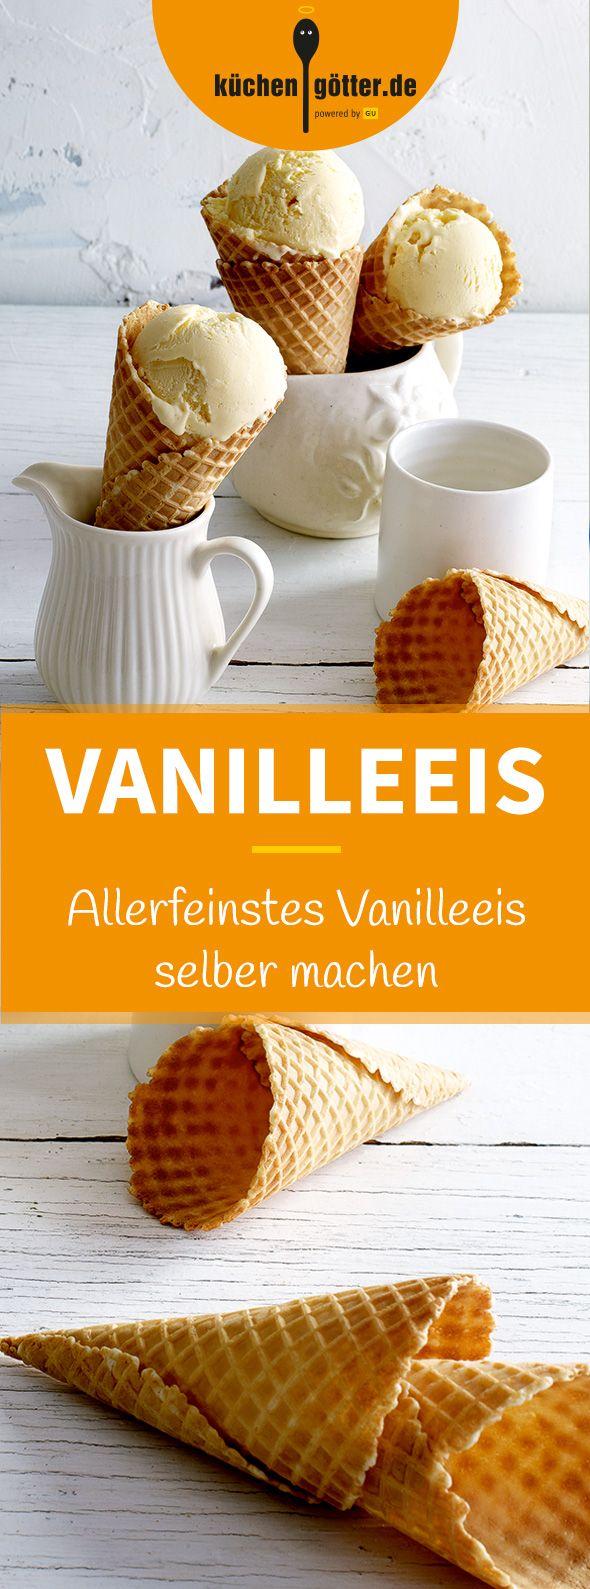 ALLERFEINSTES VANILLEEIS - Wir verraten, wie ihr feinstes Vanilleeis zu Hause selber machen könnt. Natürlich mit echter Tahiti-Vanilleschote. Mmmmh, himmlisch gut!